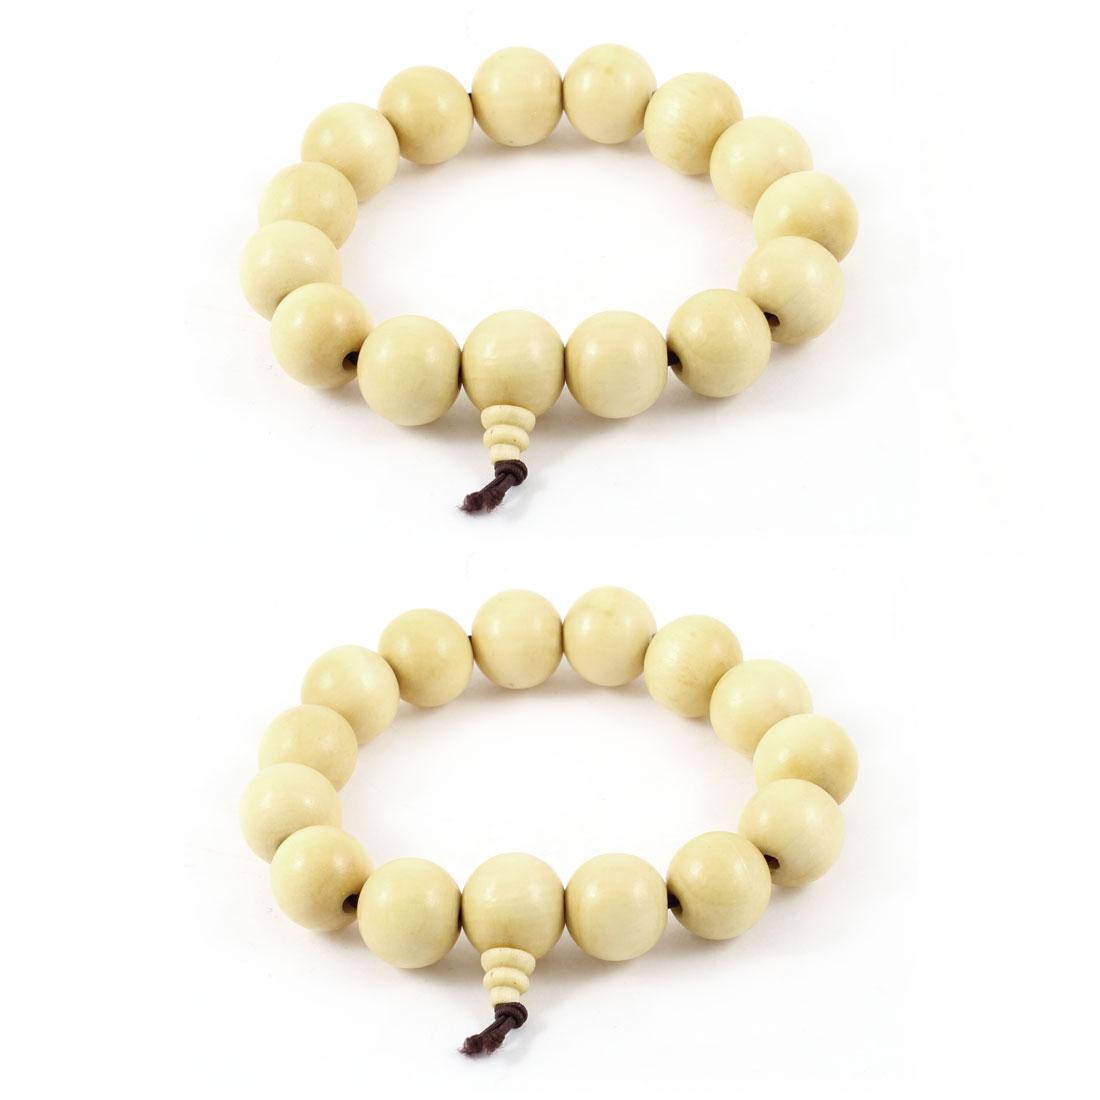 2 Pcs Beige Elastic Faux Beads Prayers Auspicious Bracelets Hand Chain